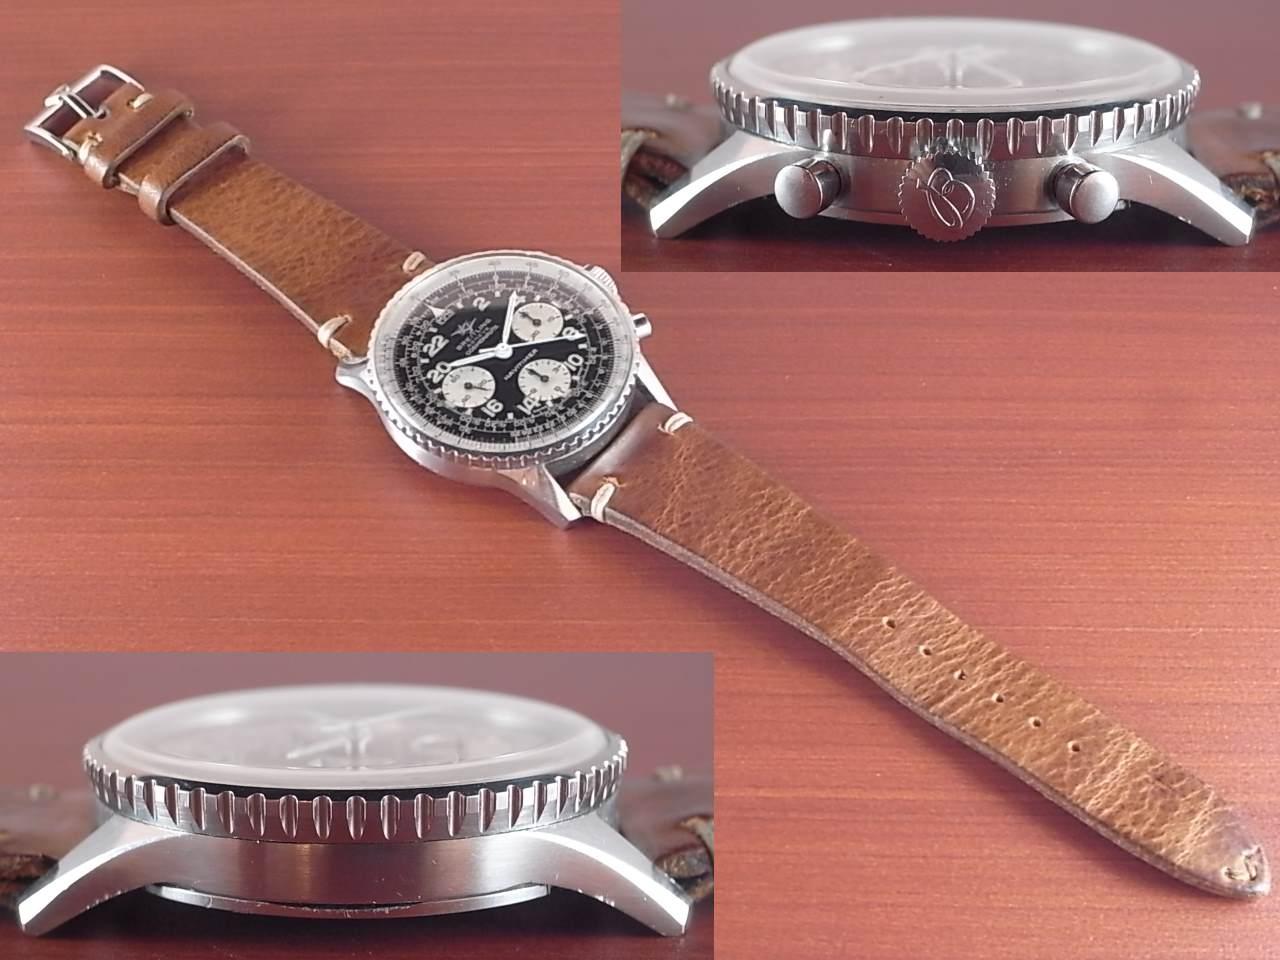 ブライトリング コスモノート ナビタイマー 24時間時計 1960年代の写真3枚目